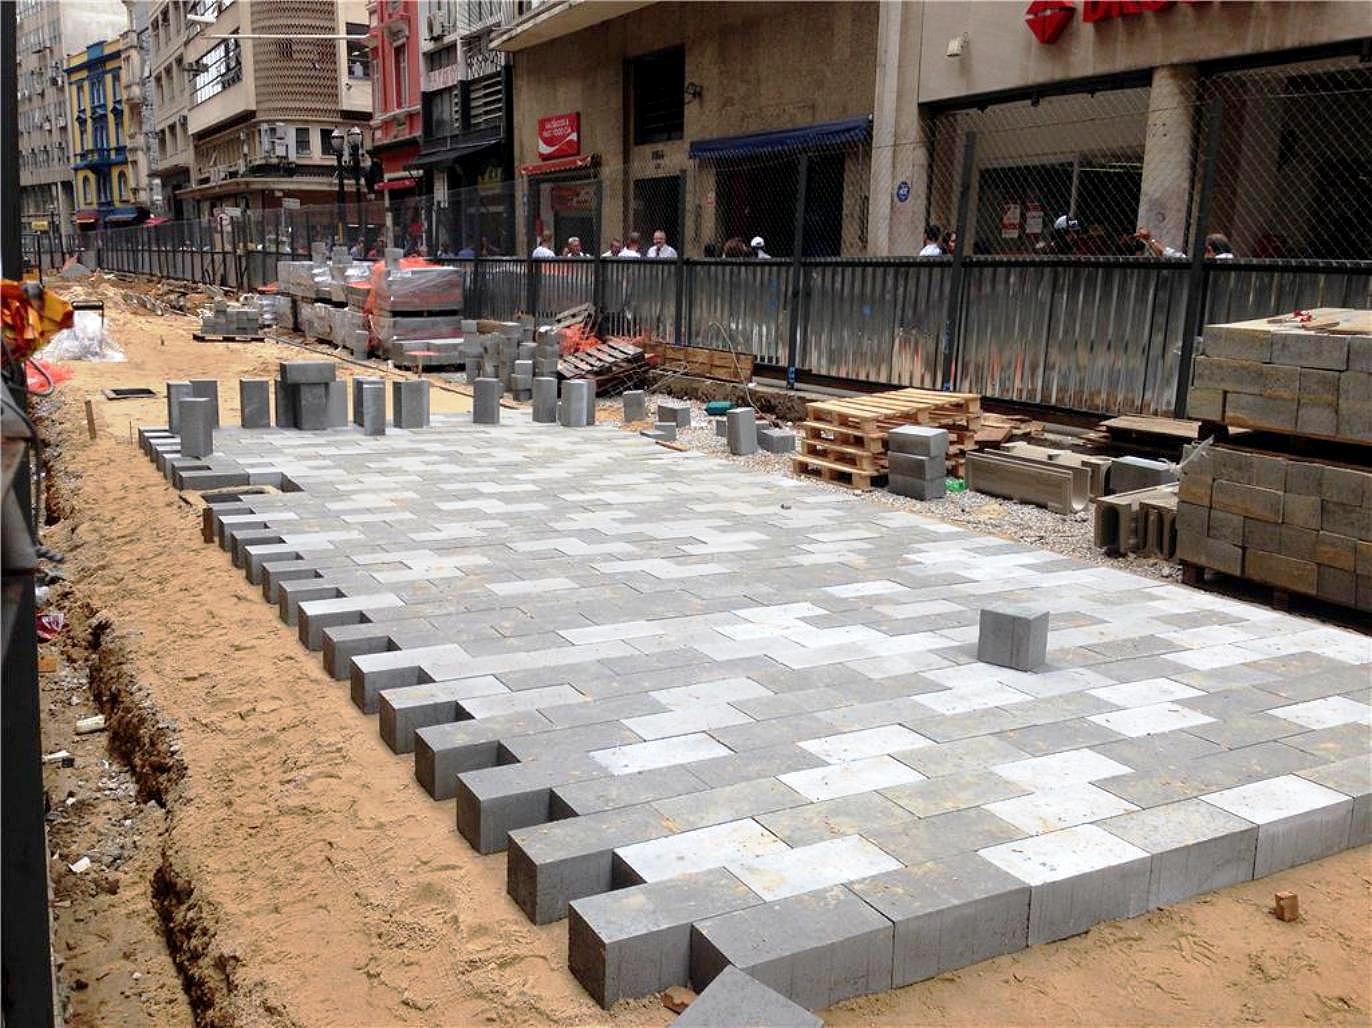 Pavimento urbano de concreto: alternativa viável para os governos municipais enfrentarem a crise. Crédito: SPUrbs